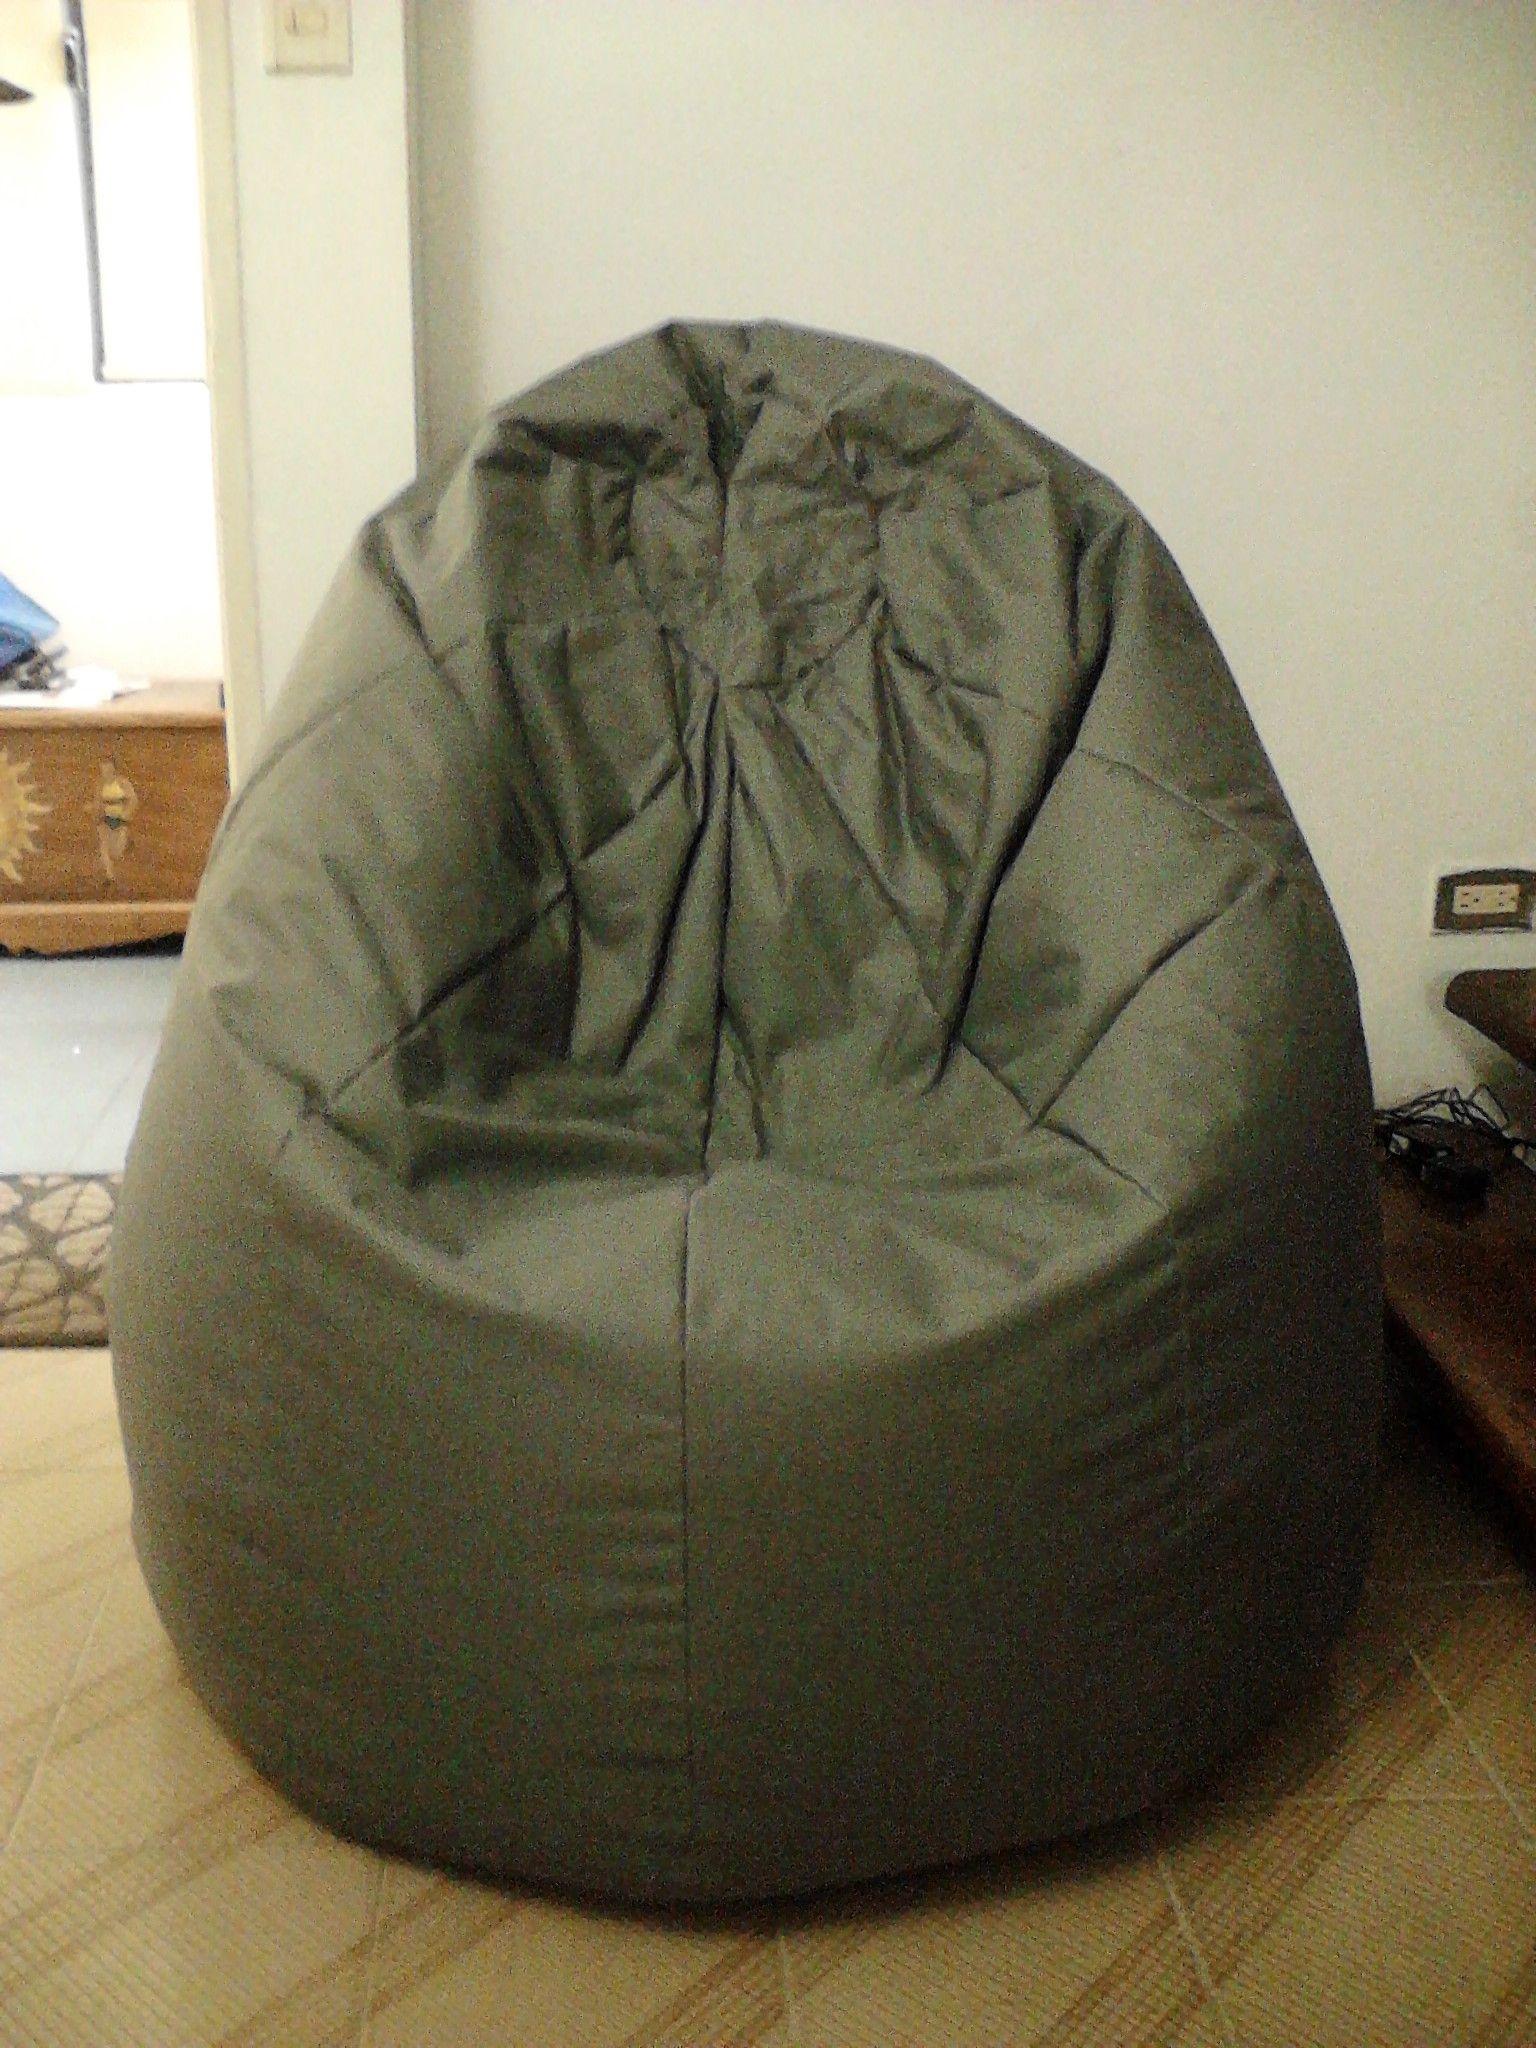 Charmant Puff Tipo Pera/ Beanbag Chair 5.5 Kg